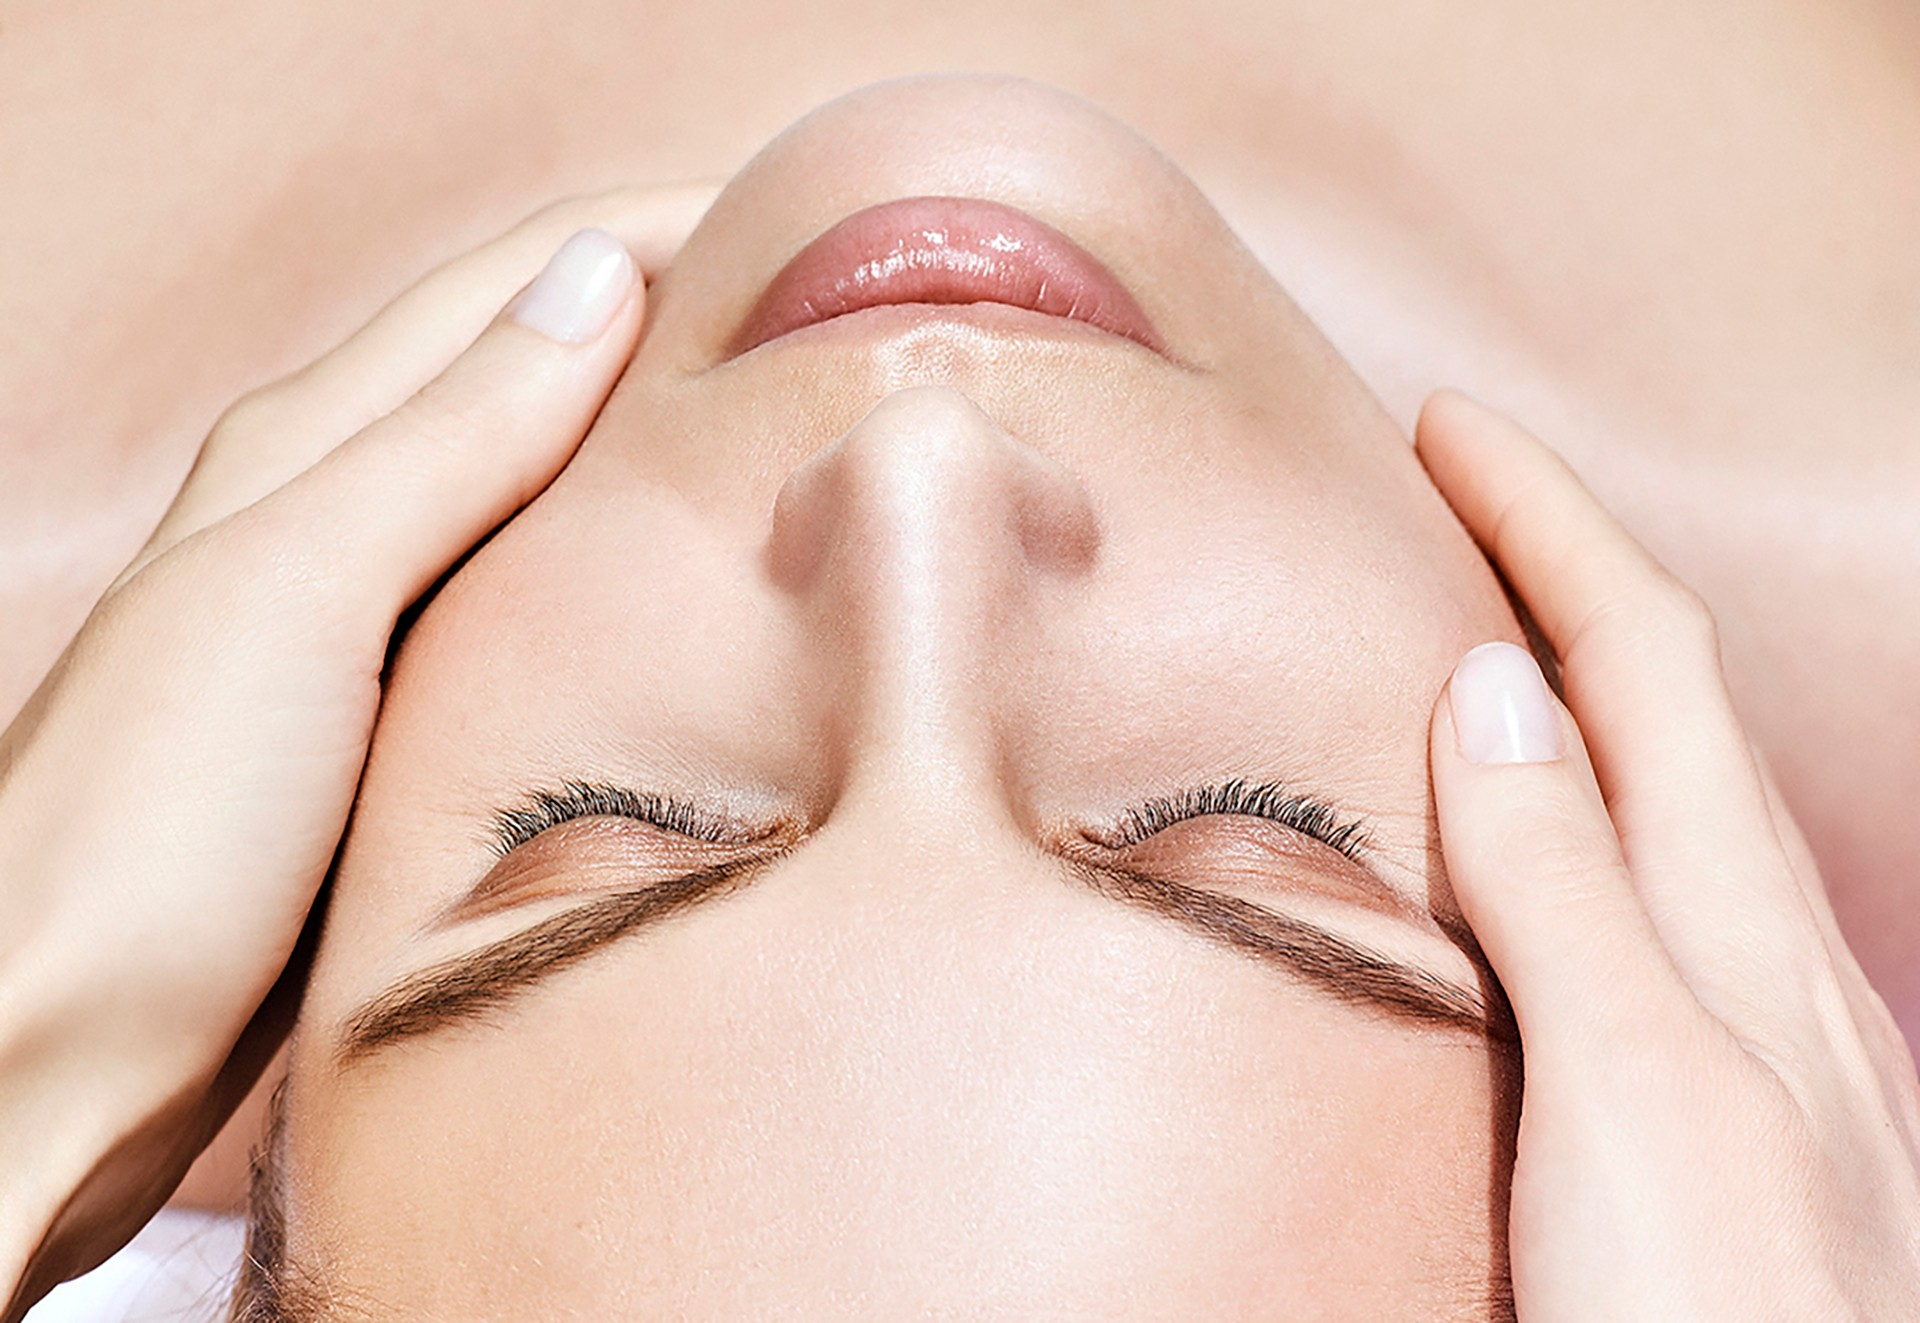 tratamiento facial estetica rosi